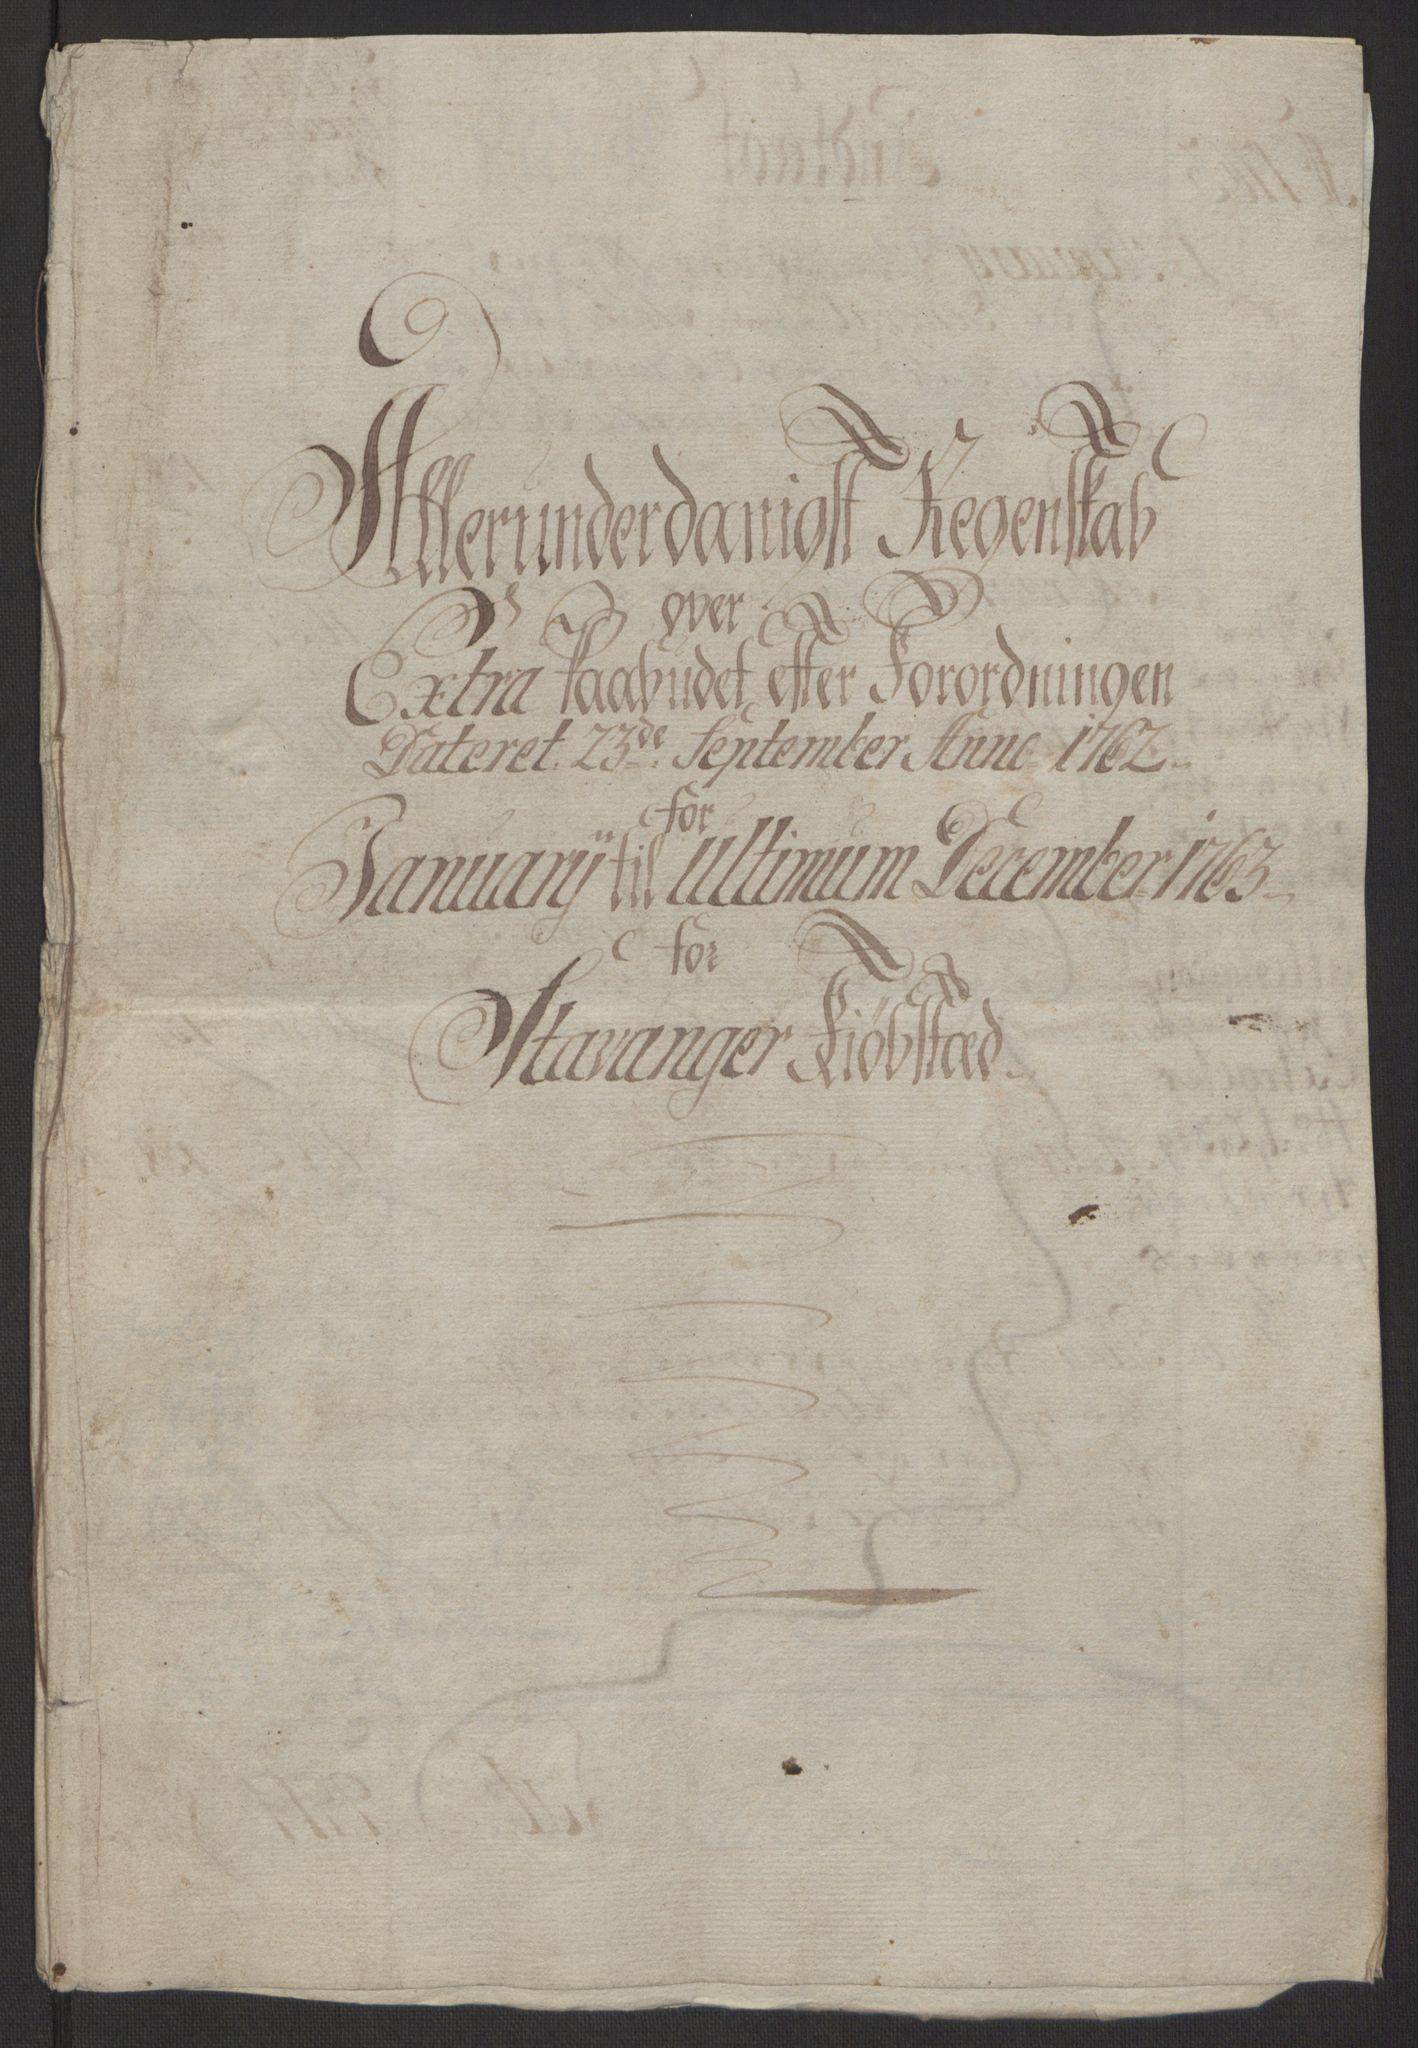 RA, Rentekammeret inntil 1814, Reviderte regnskaper, Byregnskaper, R/Ro/L0305: [O6] Kontribusjonsregnskap, 1762-1768, s. 15